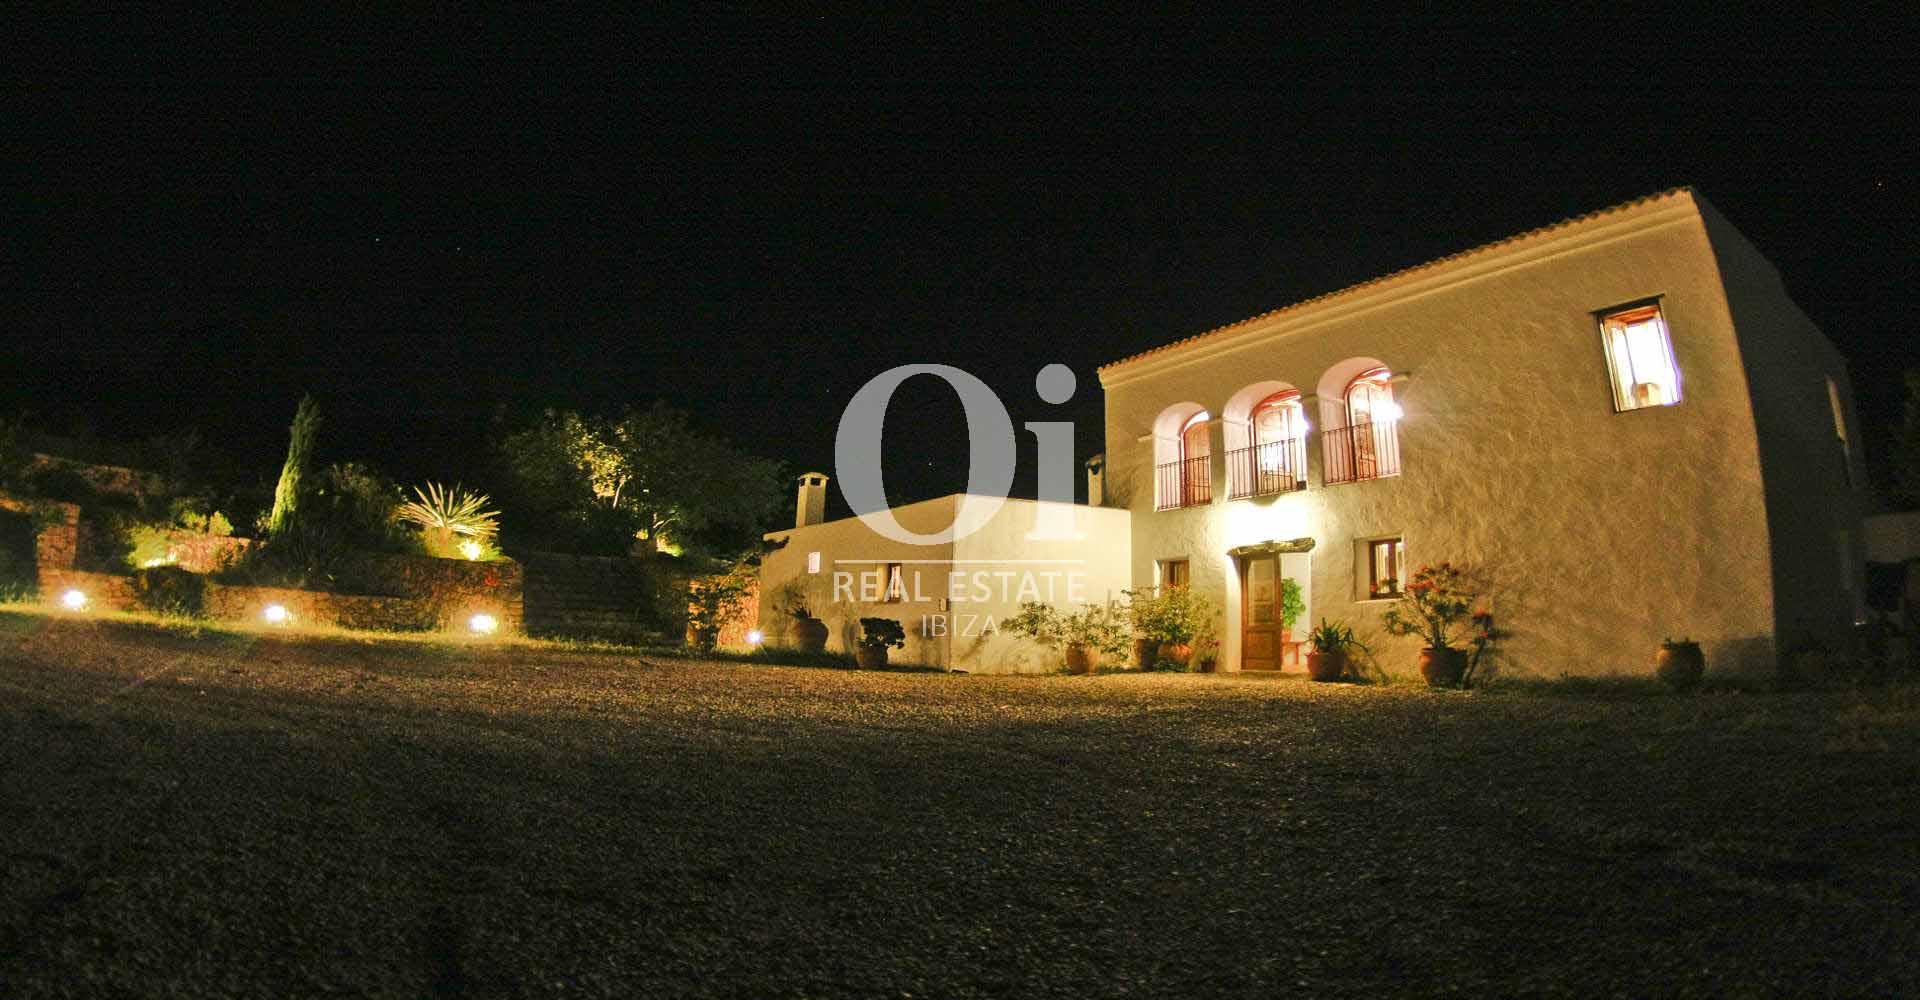 вид дома и освещенной прилегающей территории дома в краткосрочную аренду на Ибице